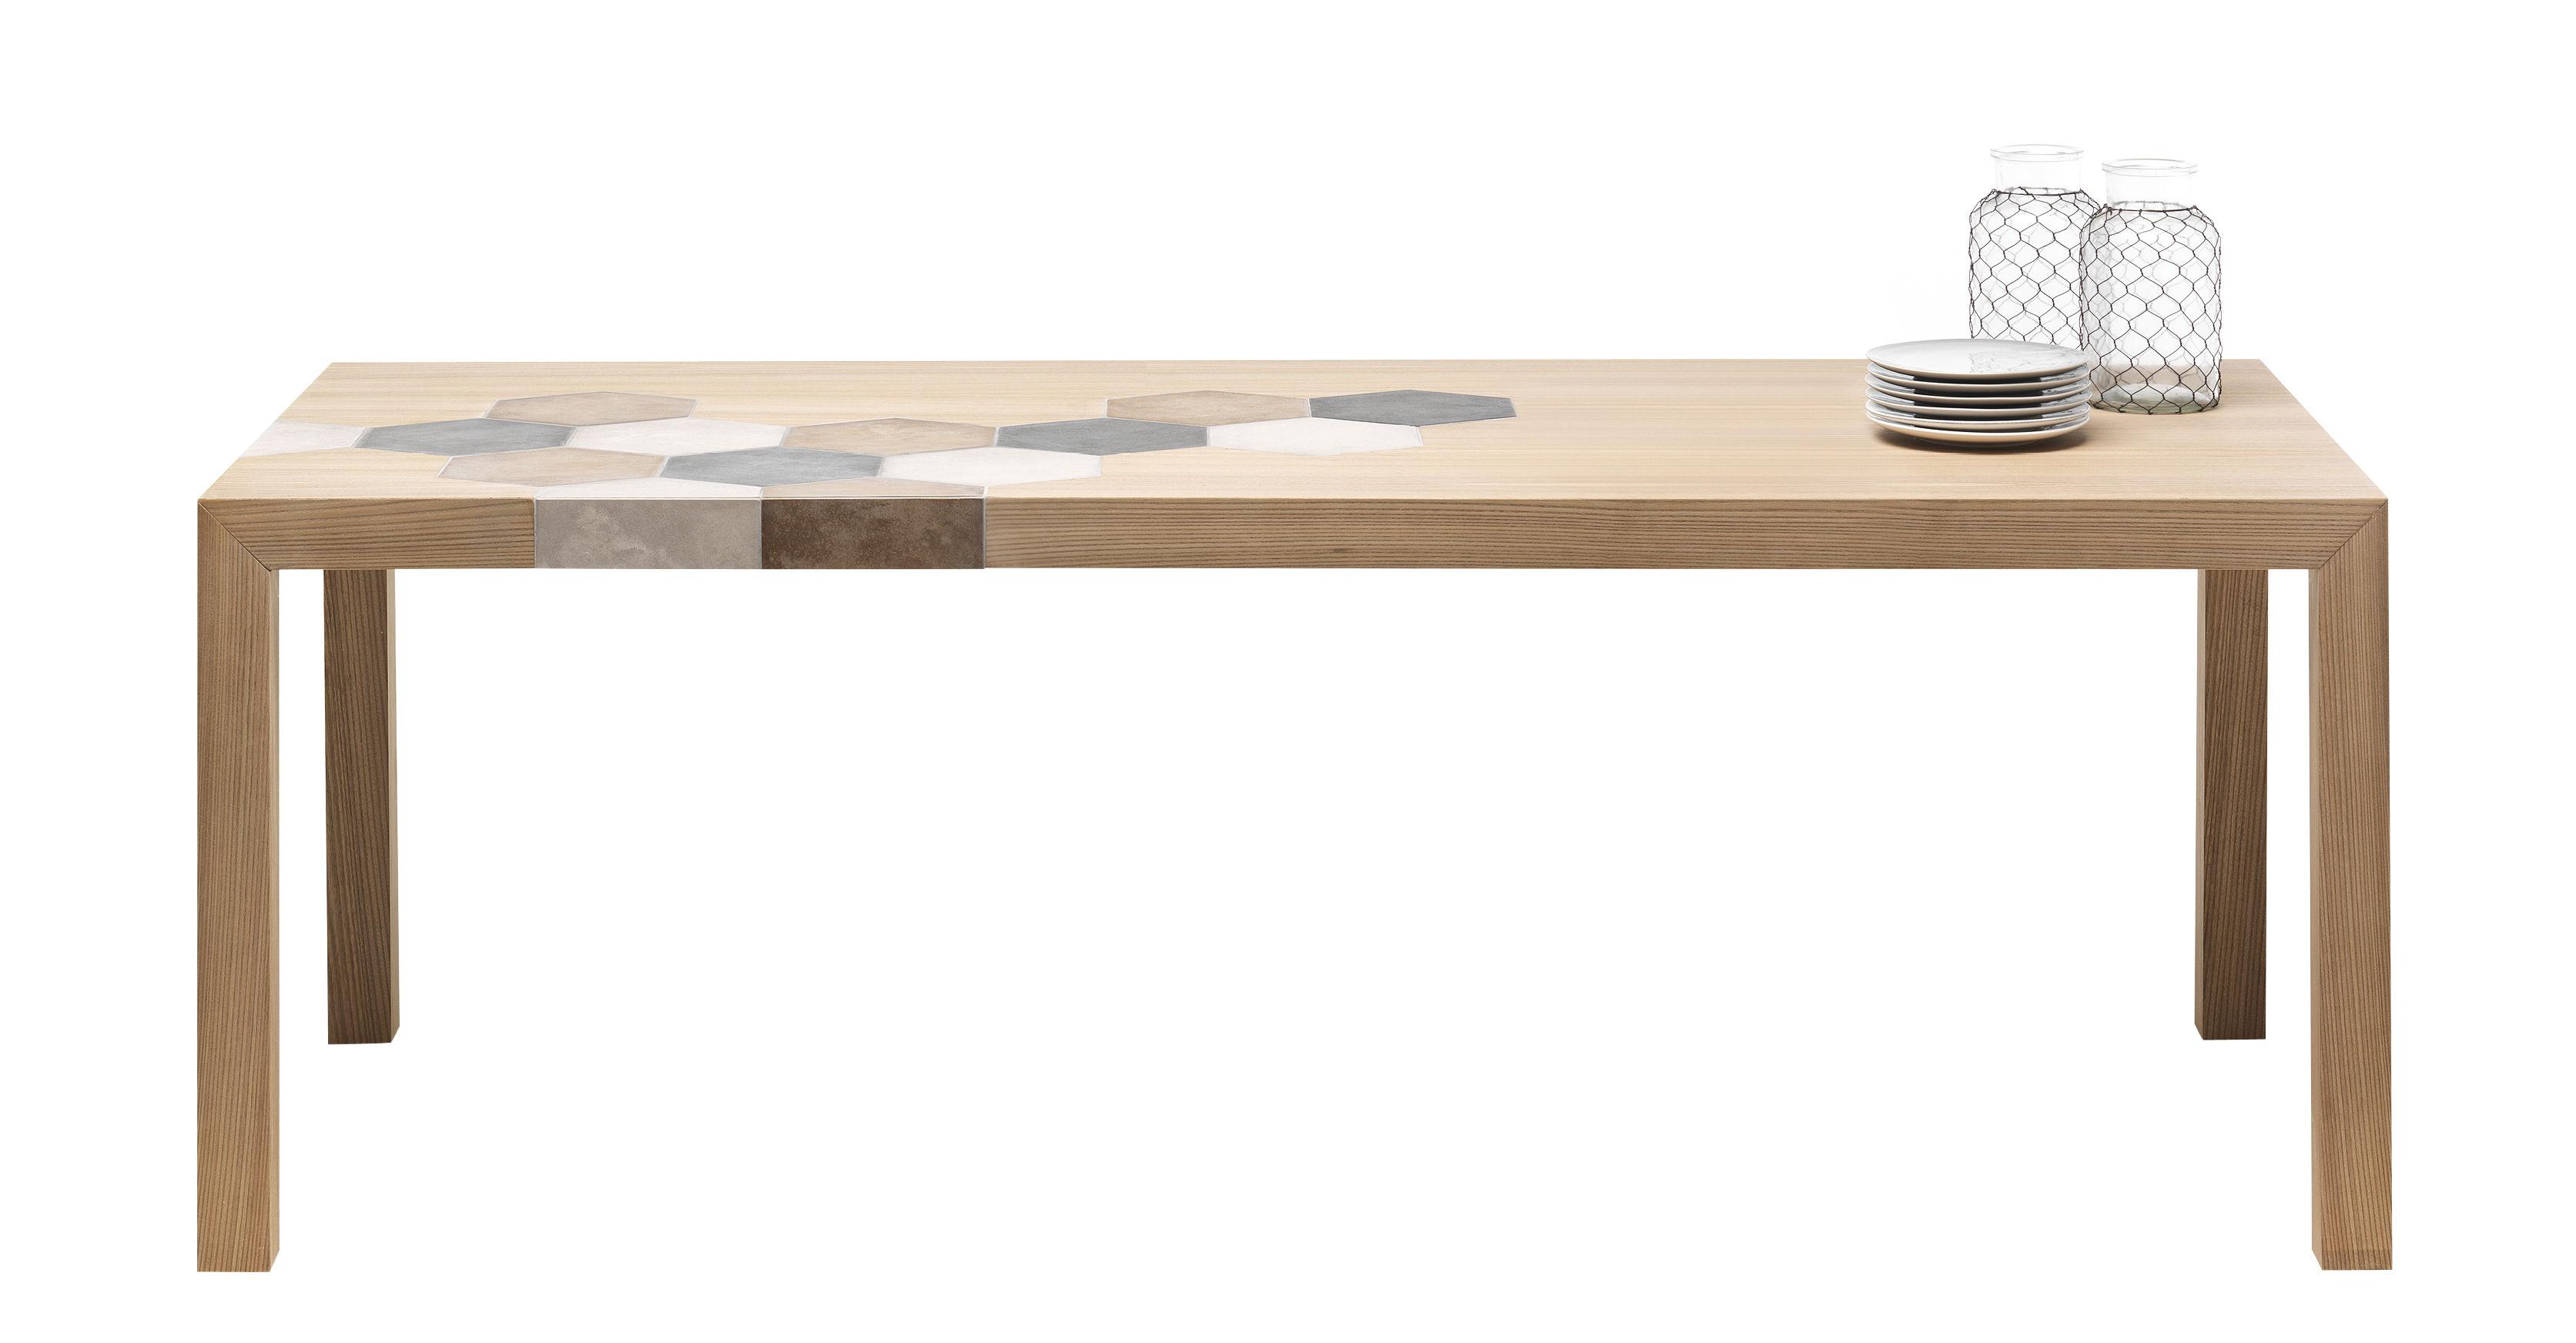 Mobilier - Tables - Table rectangulaire Cementino / Bois & carreaux de ciment - Mogg - Bois naturel - Carreaux de ciment, Orme massif